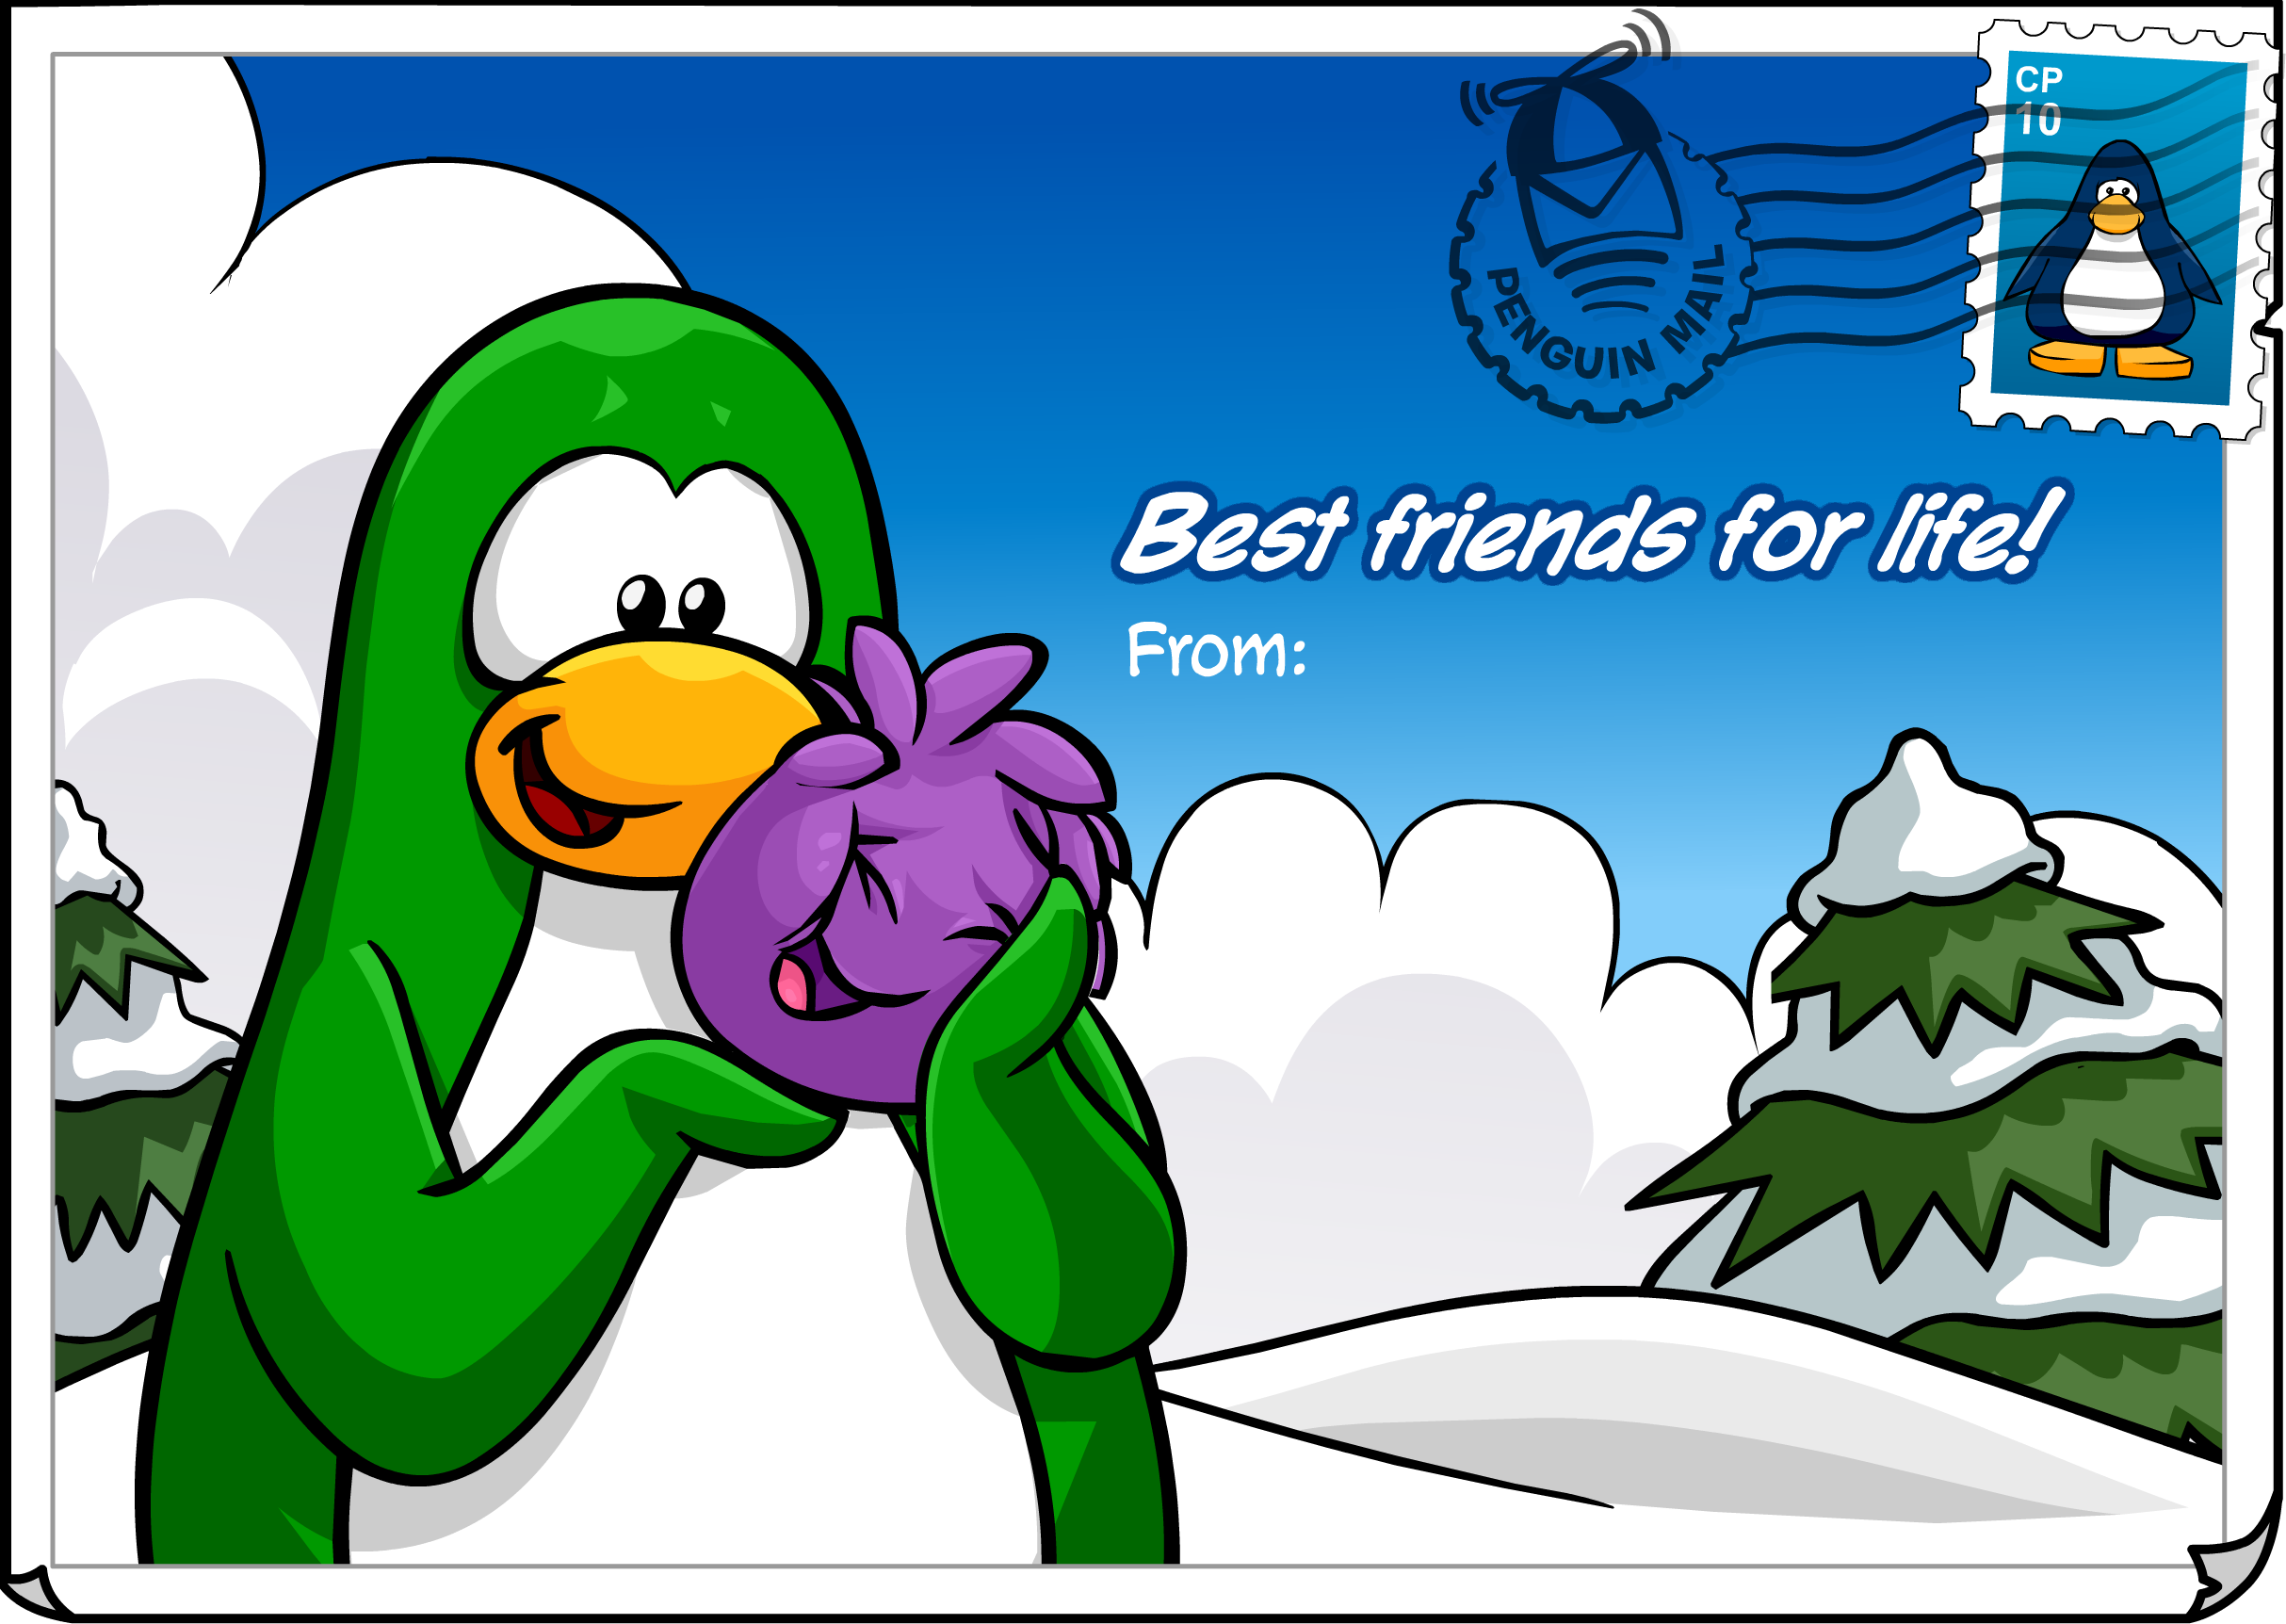 Best Friends Postcard (ID 219)